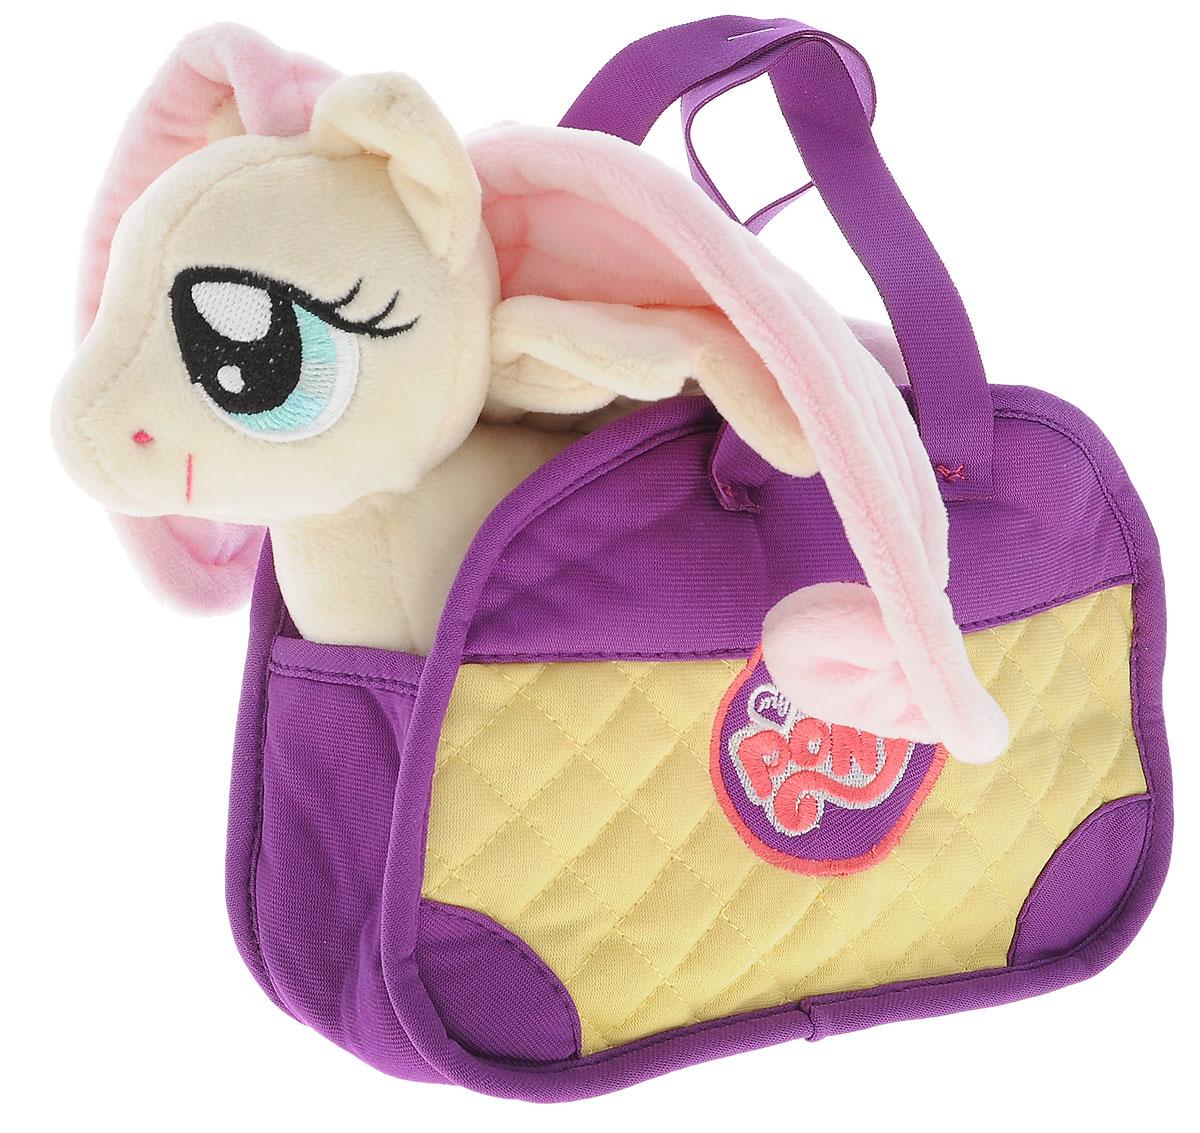 My Little Pony Мягкая игрушка Пони Флаттершай цвет сумки сиреневый 20 смMLPE4CМягкая игрушка My Little Pony Пони Флаттершай подарит вашему ребенку много радости и веселья. Она выполнена в виде персонажа мультфильма My Little Pony - пони Флаттершай. Игрушка удивительно приятна на ощупь. Она изготовлена из мягкого текстильного материала, глазки вышиты нитками. Чудесная мягкая игрушка принесет радость и подарит своему обладателю мгновения нежных объятий и приятных воспоминаний. Флаттершай очень любит зверей и всячески им помогает. Флаттершай очень добрая и стеснительная. Чудесная малышка станет любимой игрушкой вашего ребенка! В комплекте также находится симпатичная сумочка, в которую можно посадить милую лошадку или положить полезные мелочи.